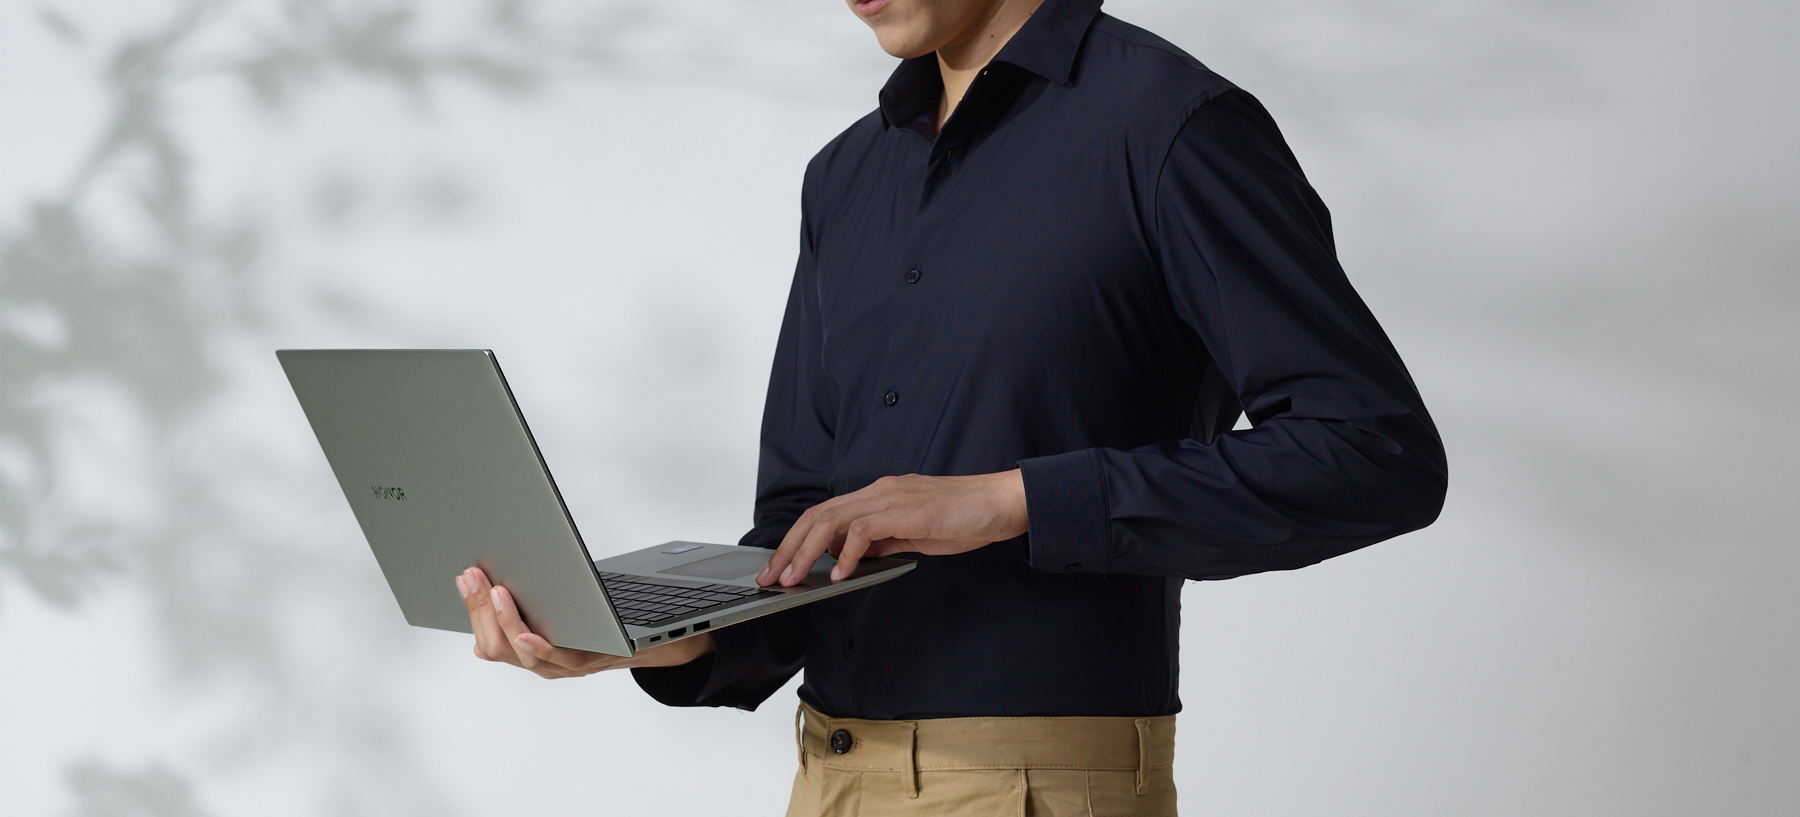 HONOR, Intel y Microsoft se unen para crear una ultrabook: HONOR MagicBook 14